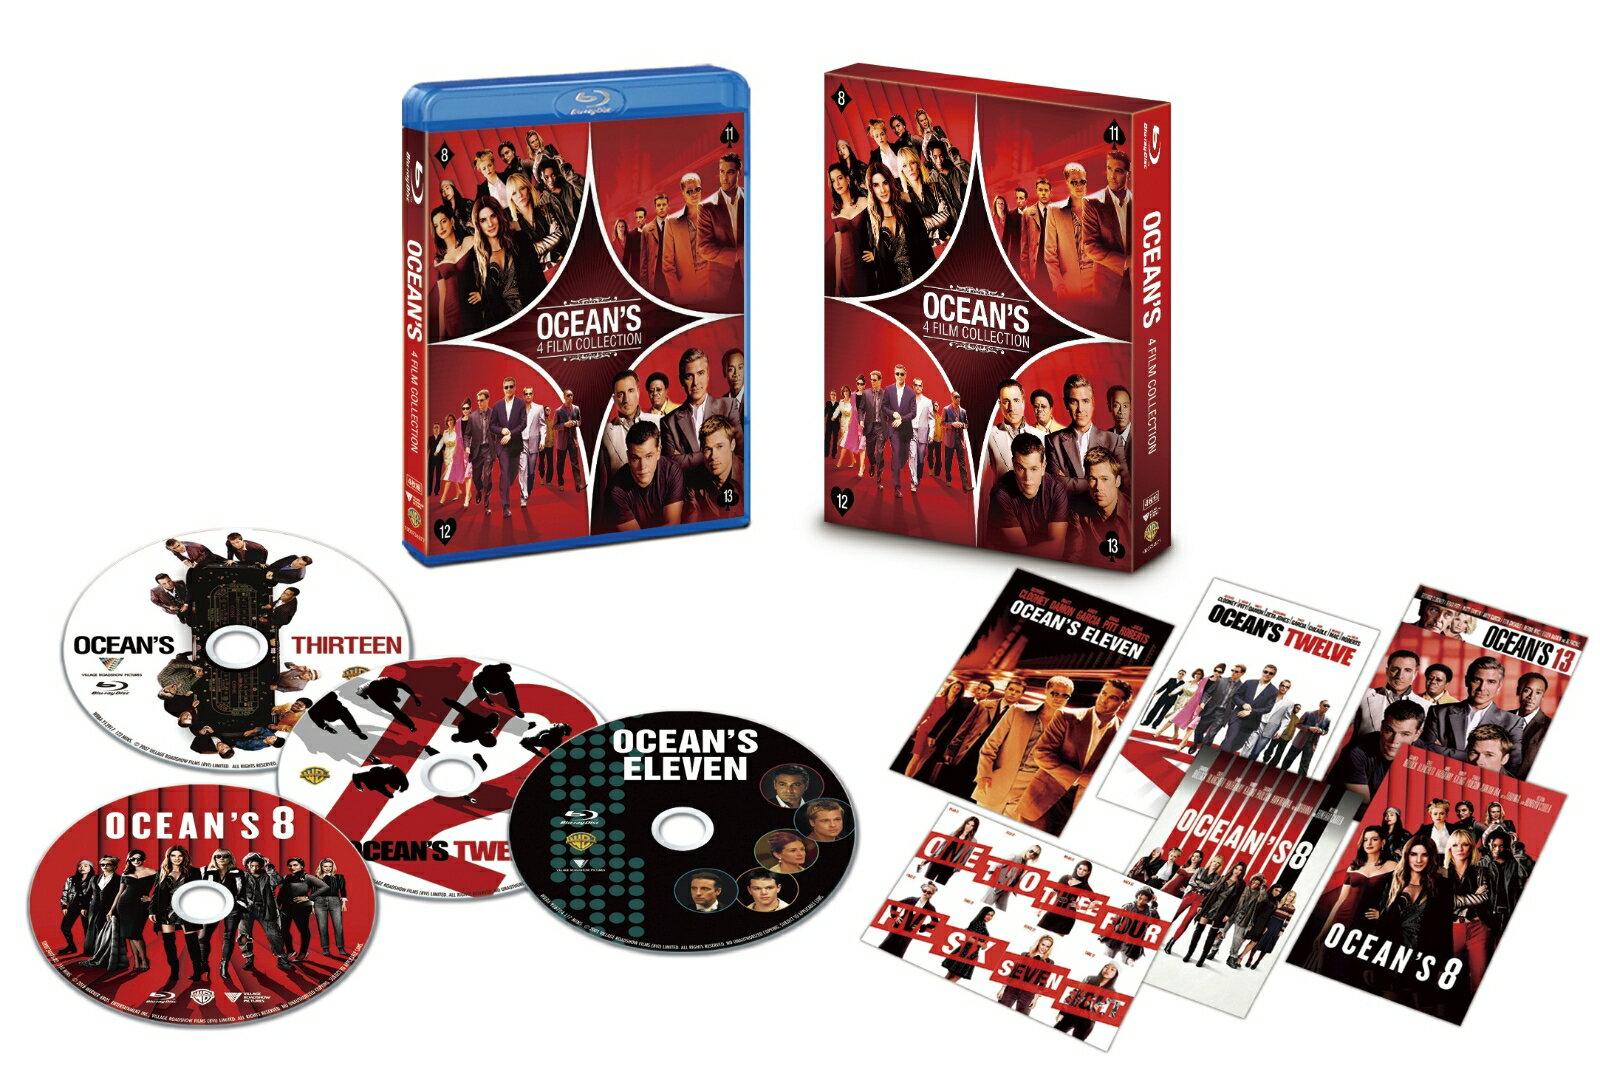 オーシャンズ 4フィルム・コレクション ブルーレイ(4枚組/ポストカード付)(初回仕様)【Blu-ray】